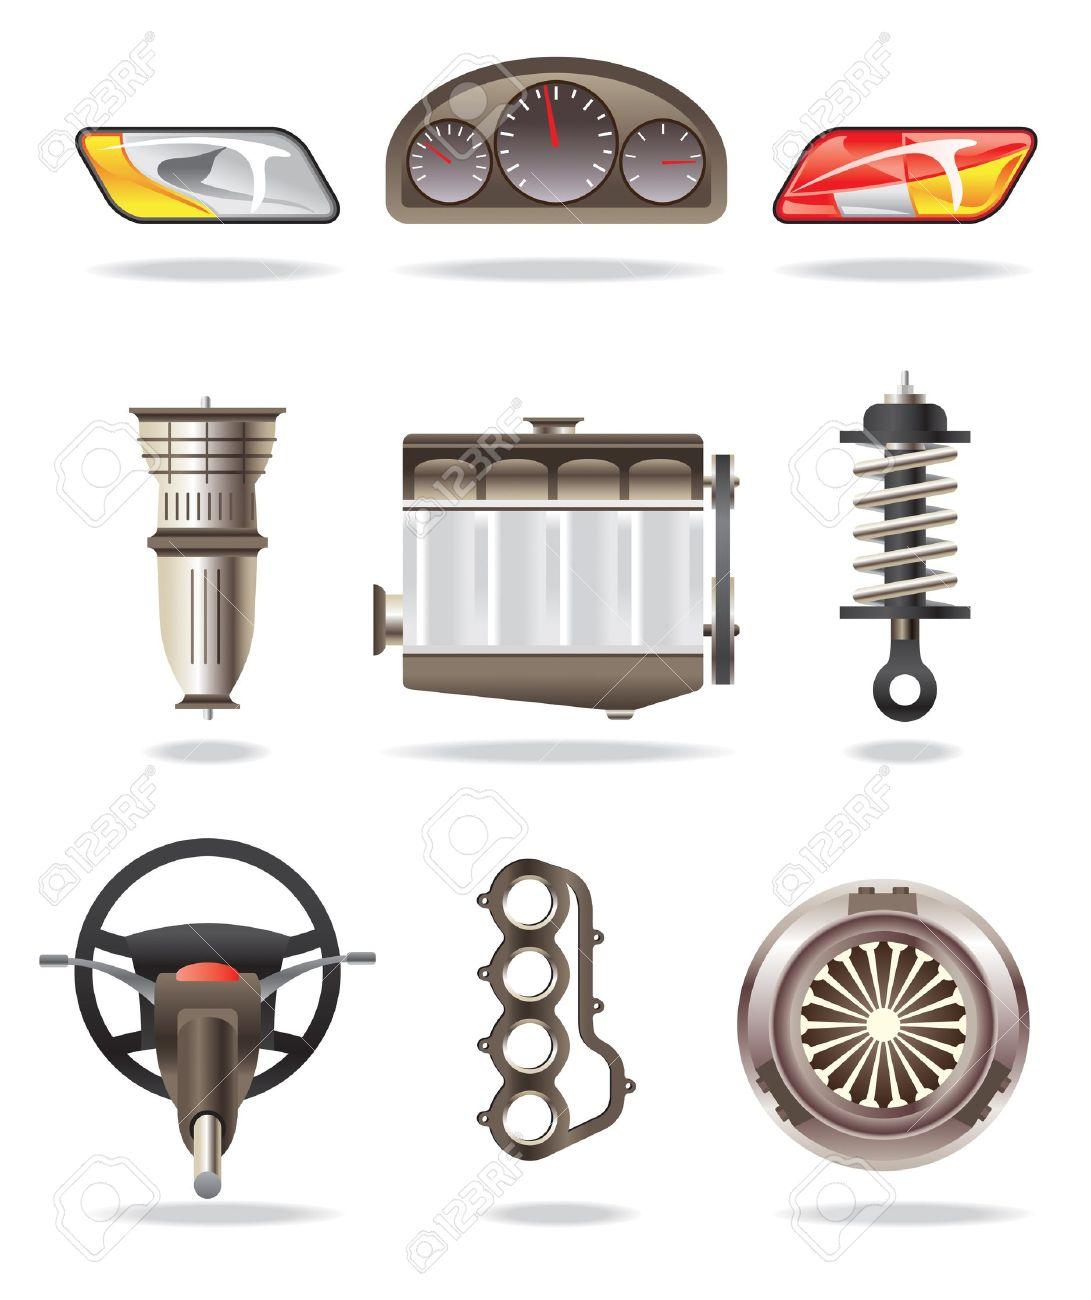 自動車部品 - ベクトル イラスト ロイヤリティフリークリップアート